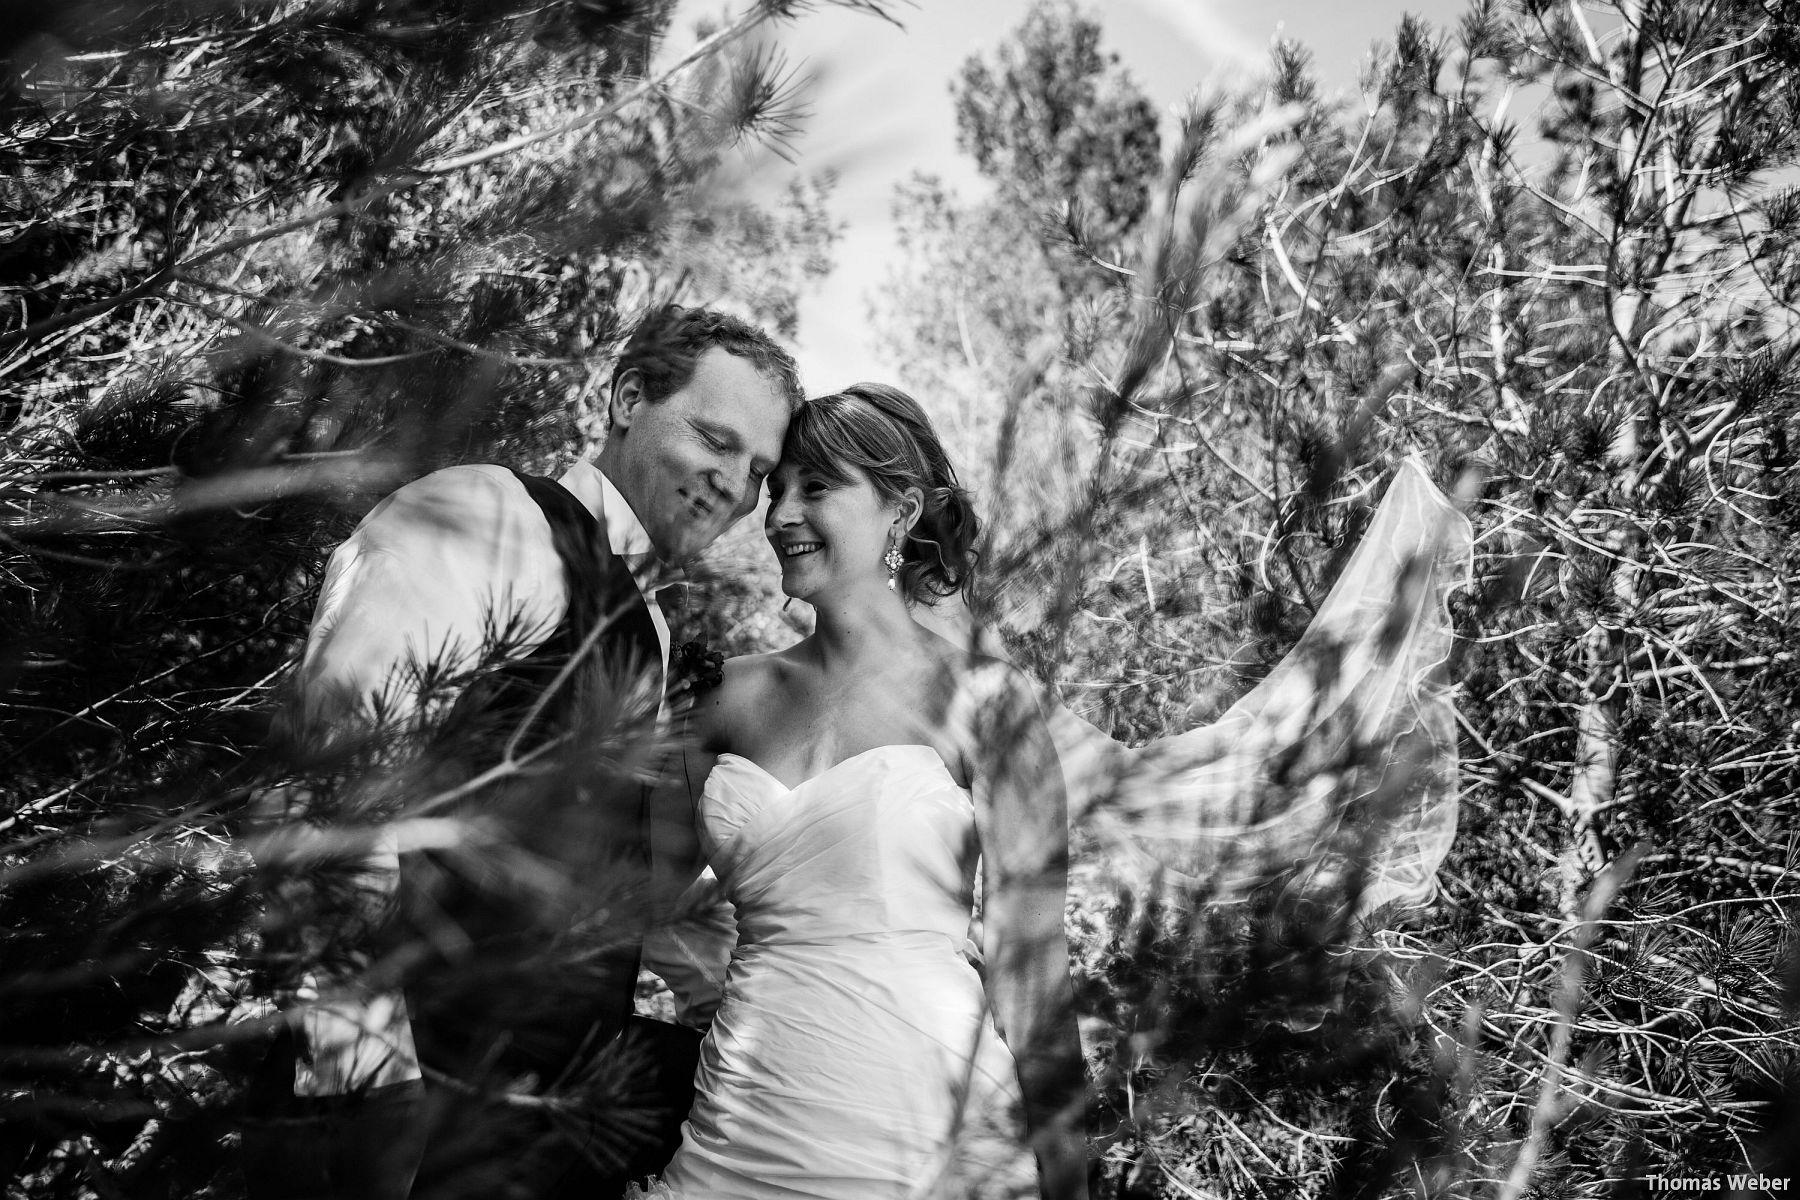 Hochzeitsfotograf Thomas Weber aus Oldenburg: Hochzeitsfotos und Paarfotos auf Mallorca (45)